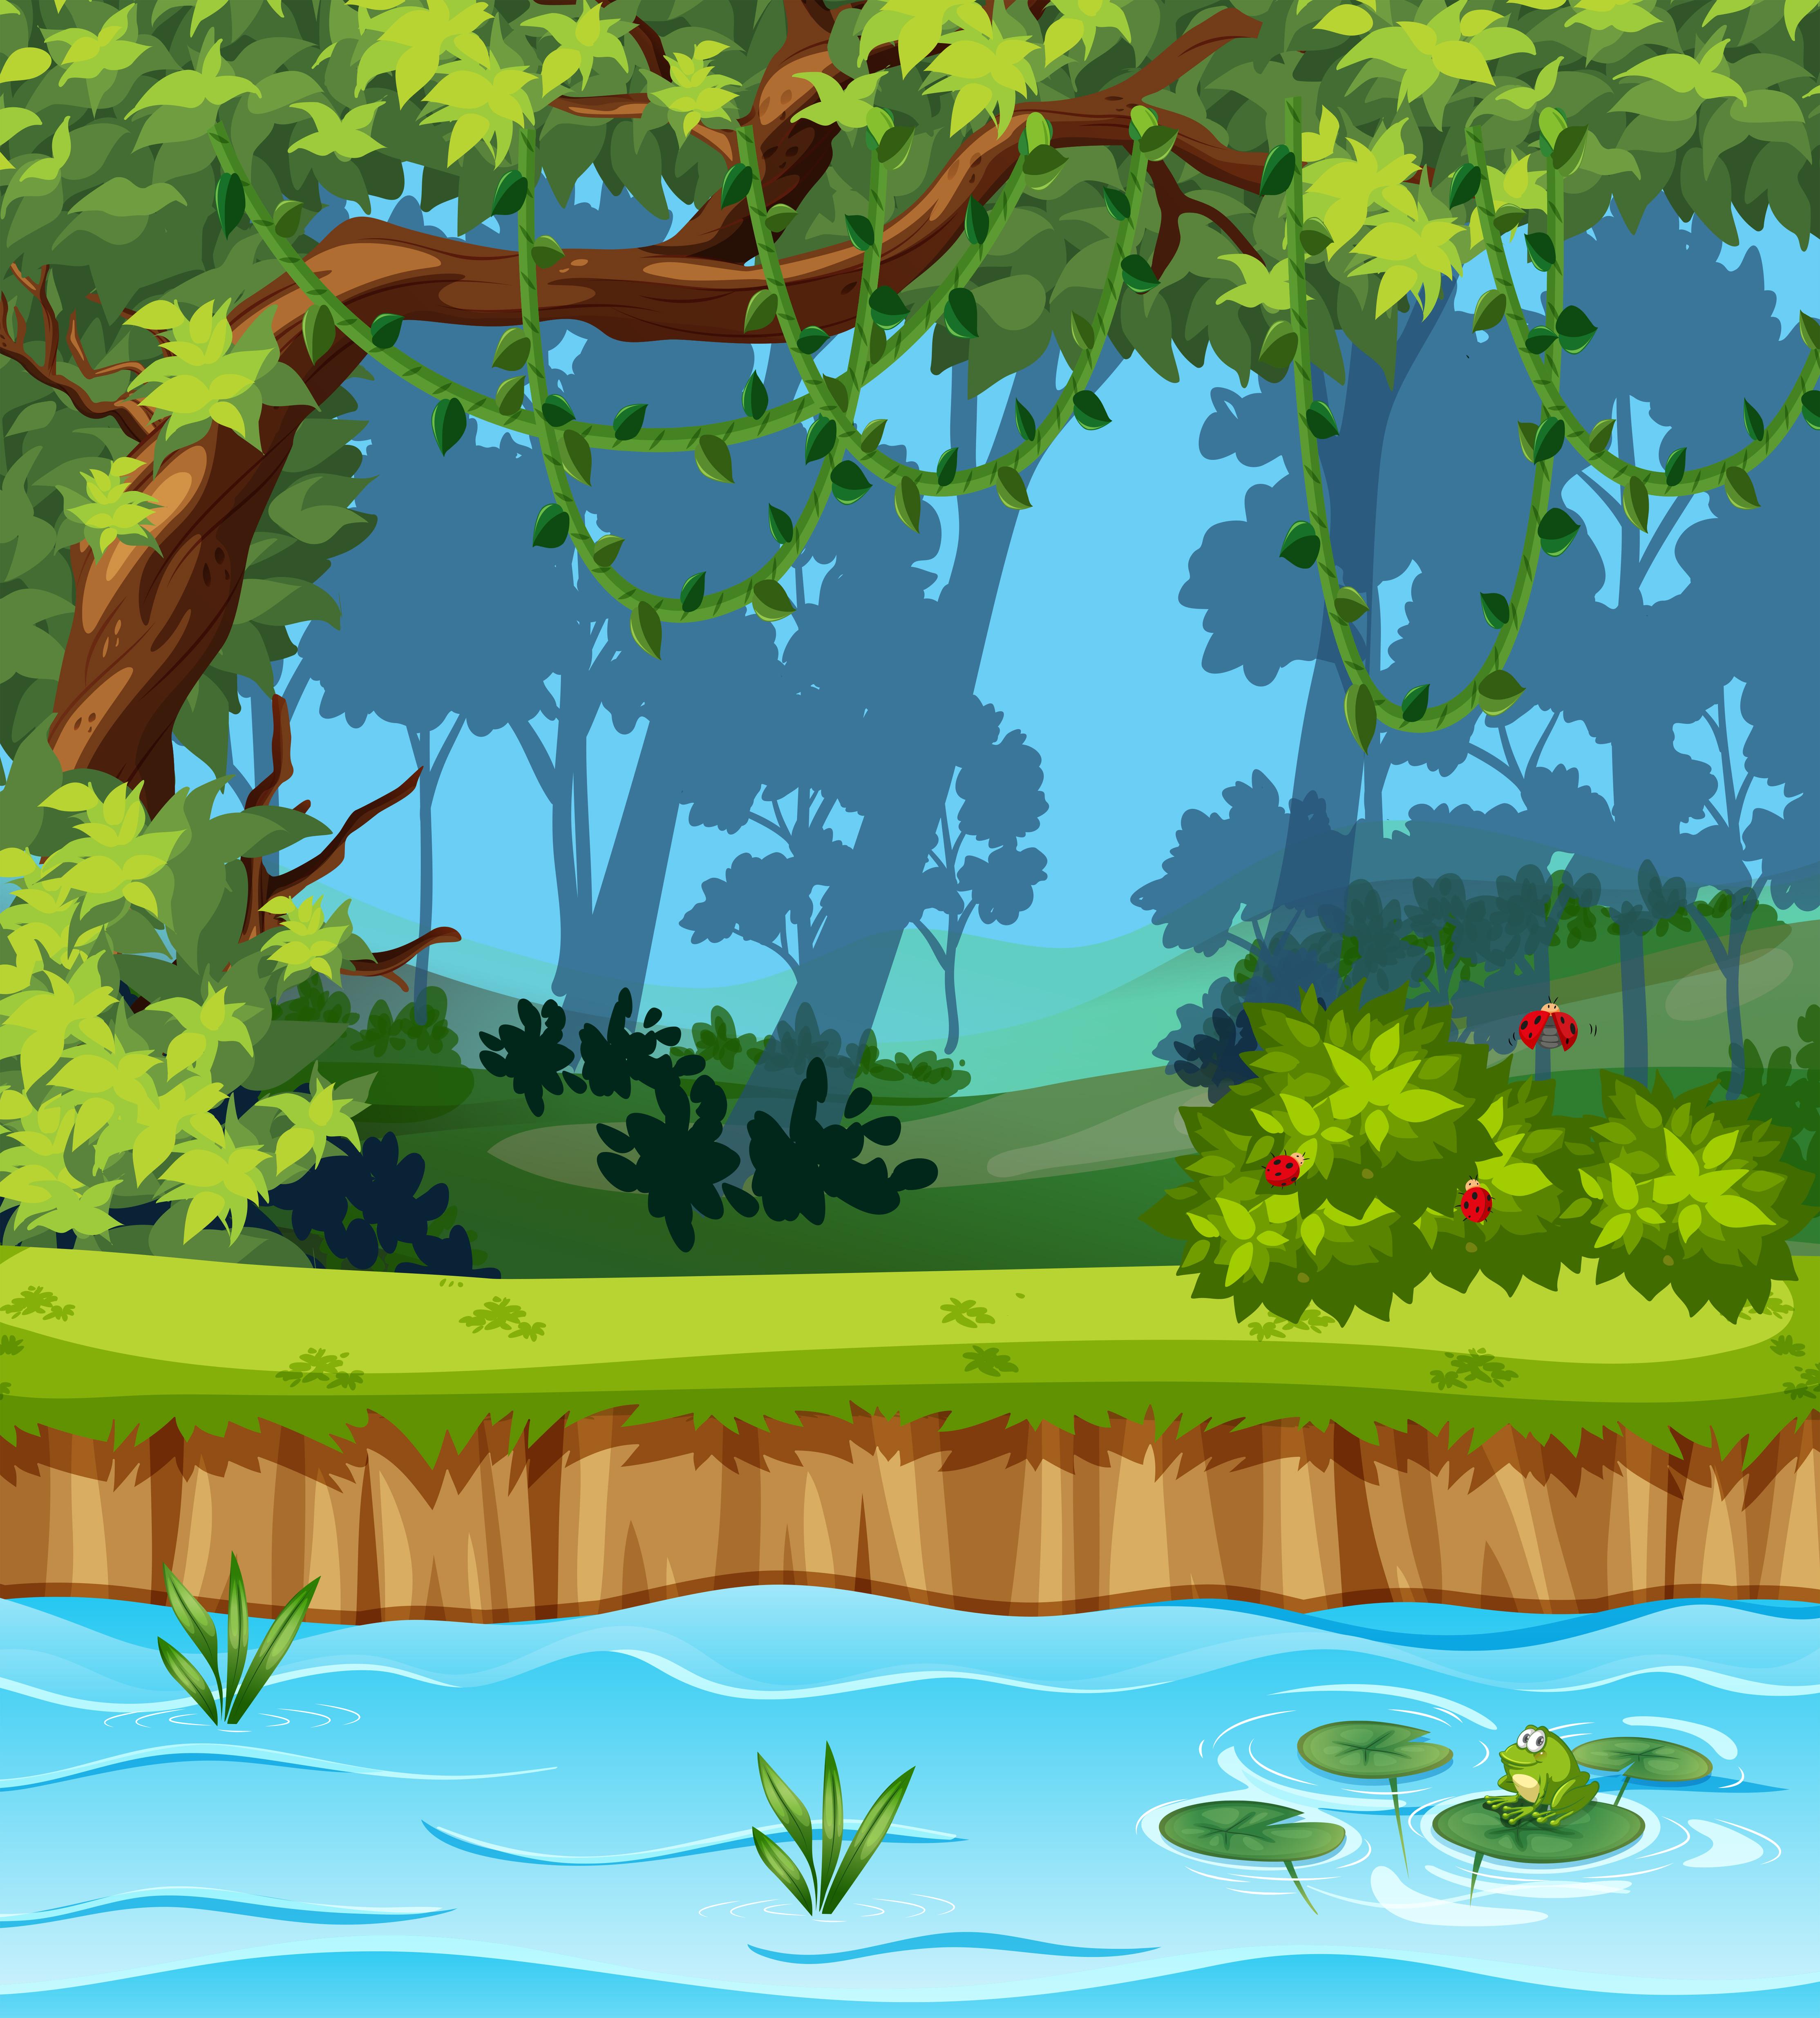 A Beautiful Jungle Landscape Download Free Vectors